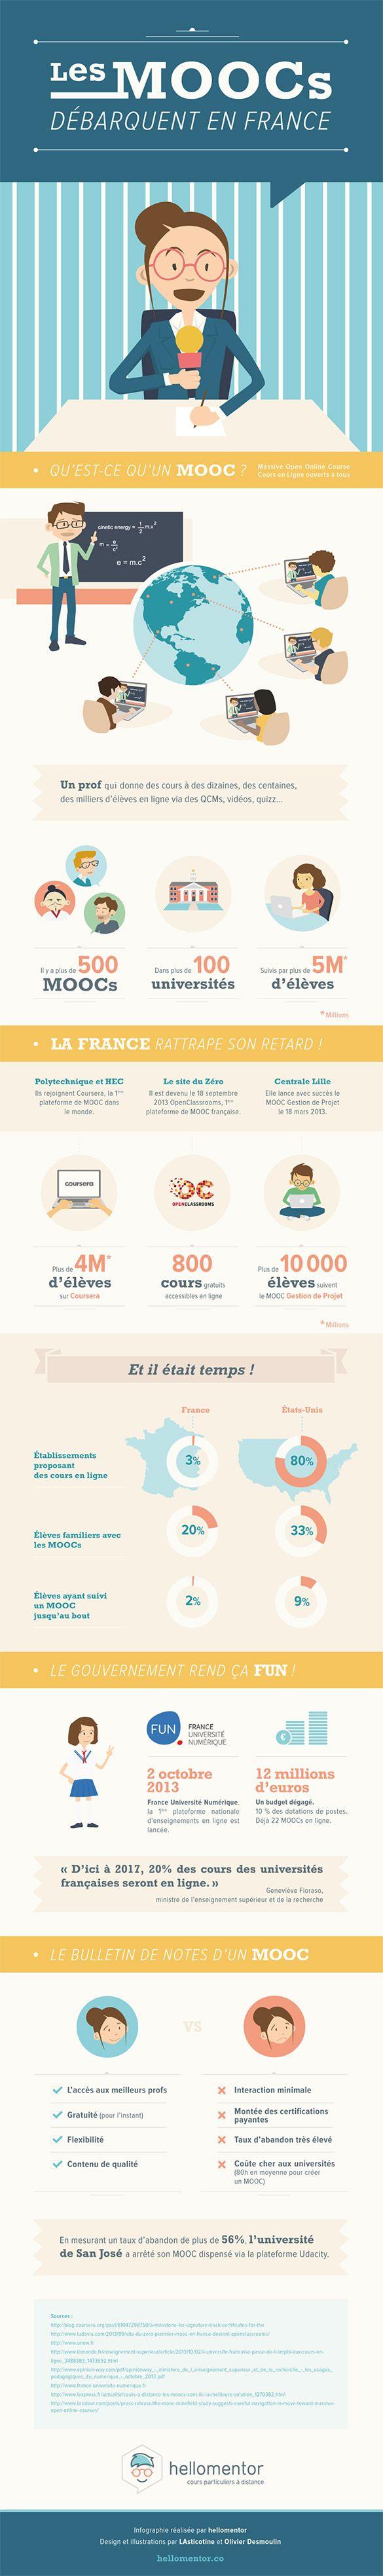 Graphisme & interactivité blog par Geoffrey Dorne » [infographie] Les Moocs arrivent en France !